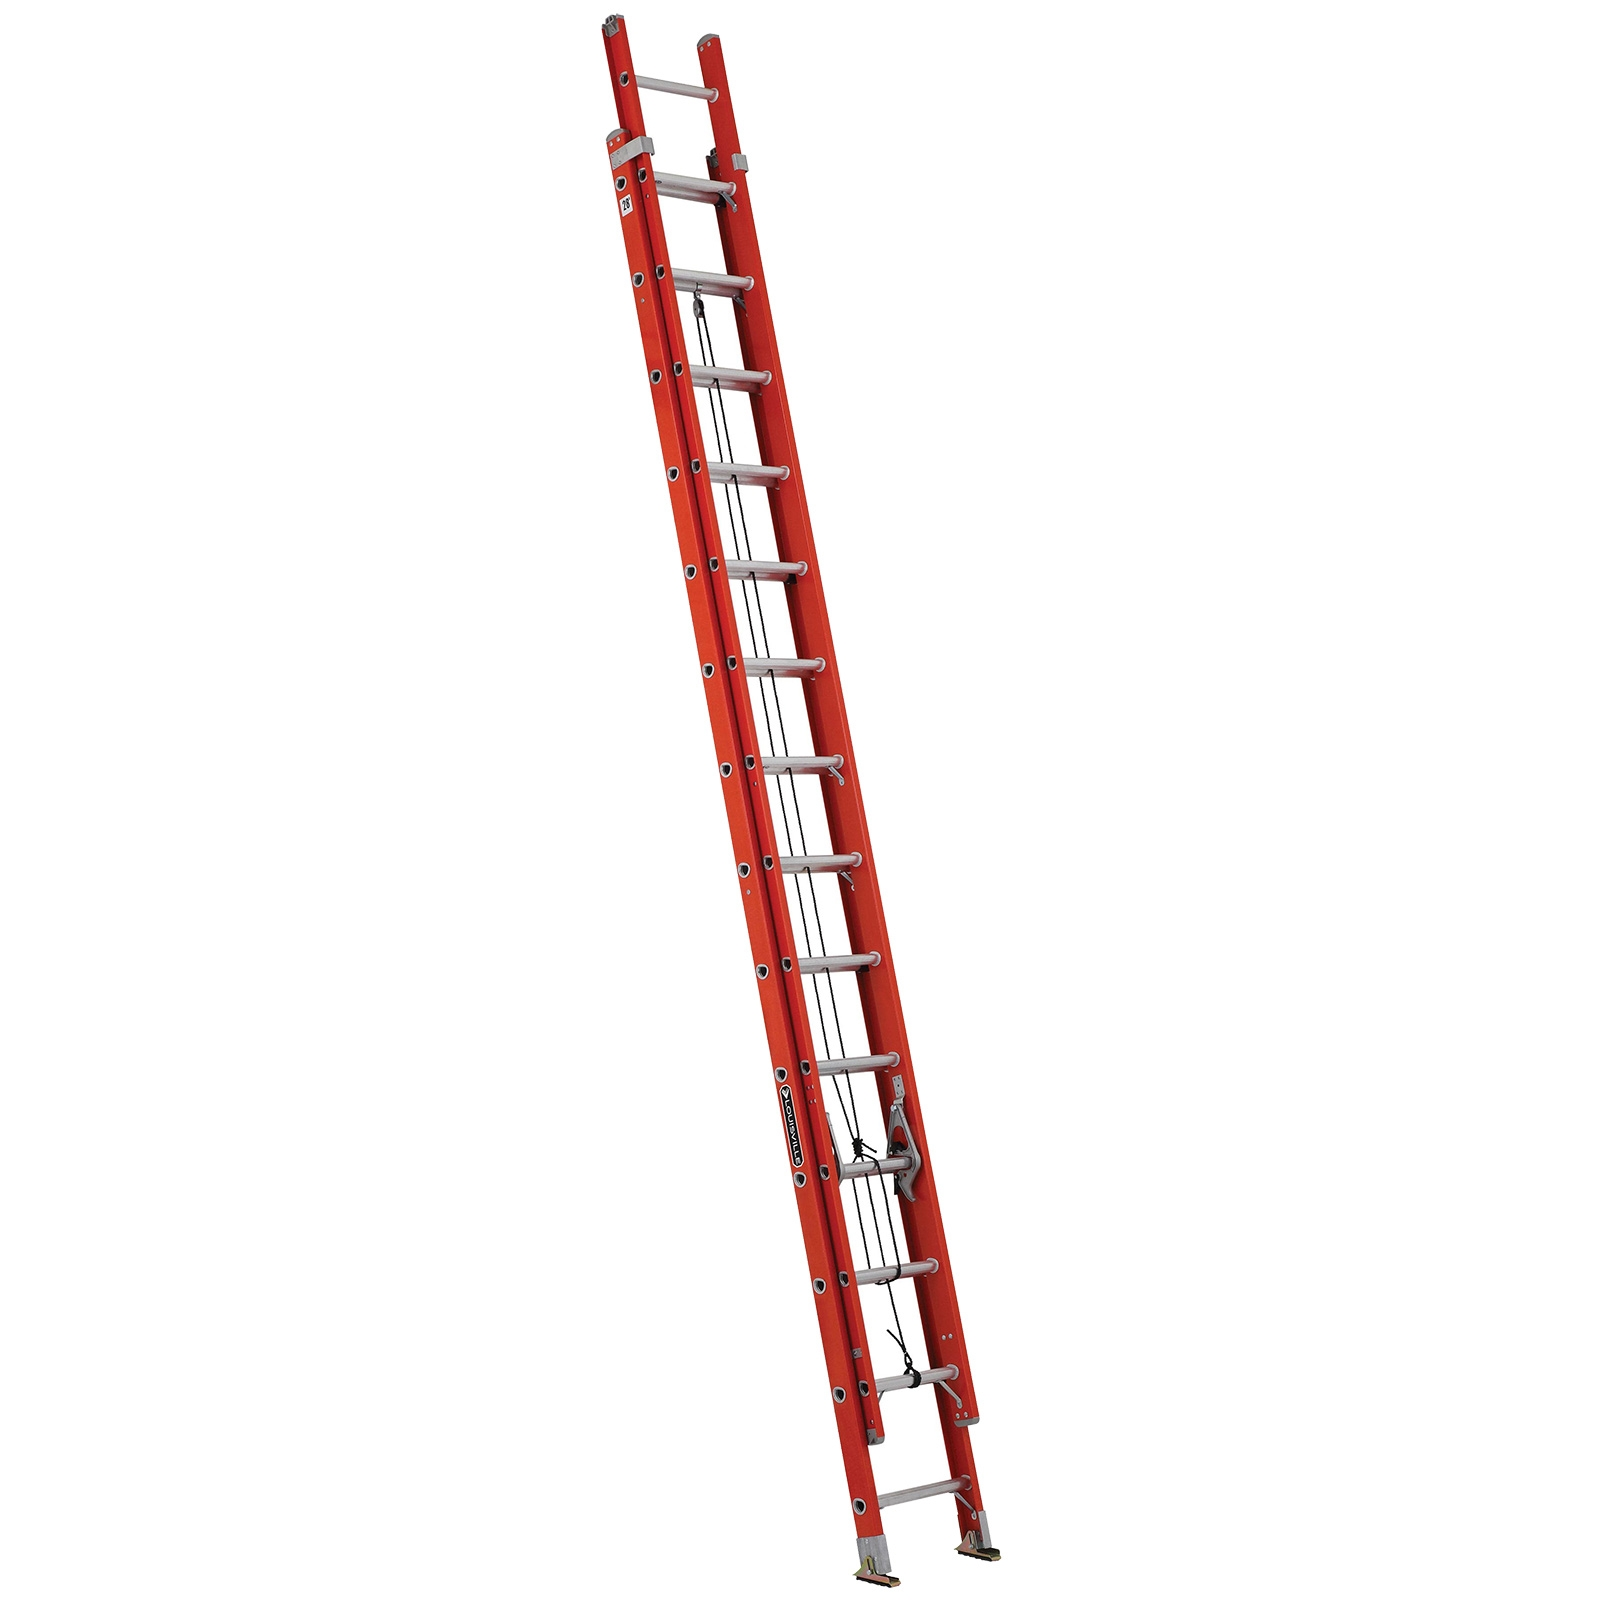 28ft fiberglass ladder w